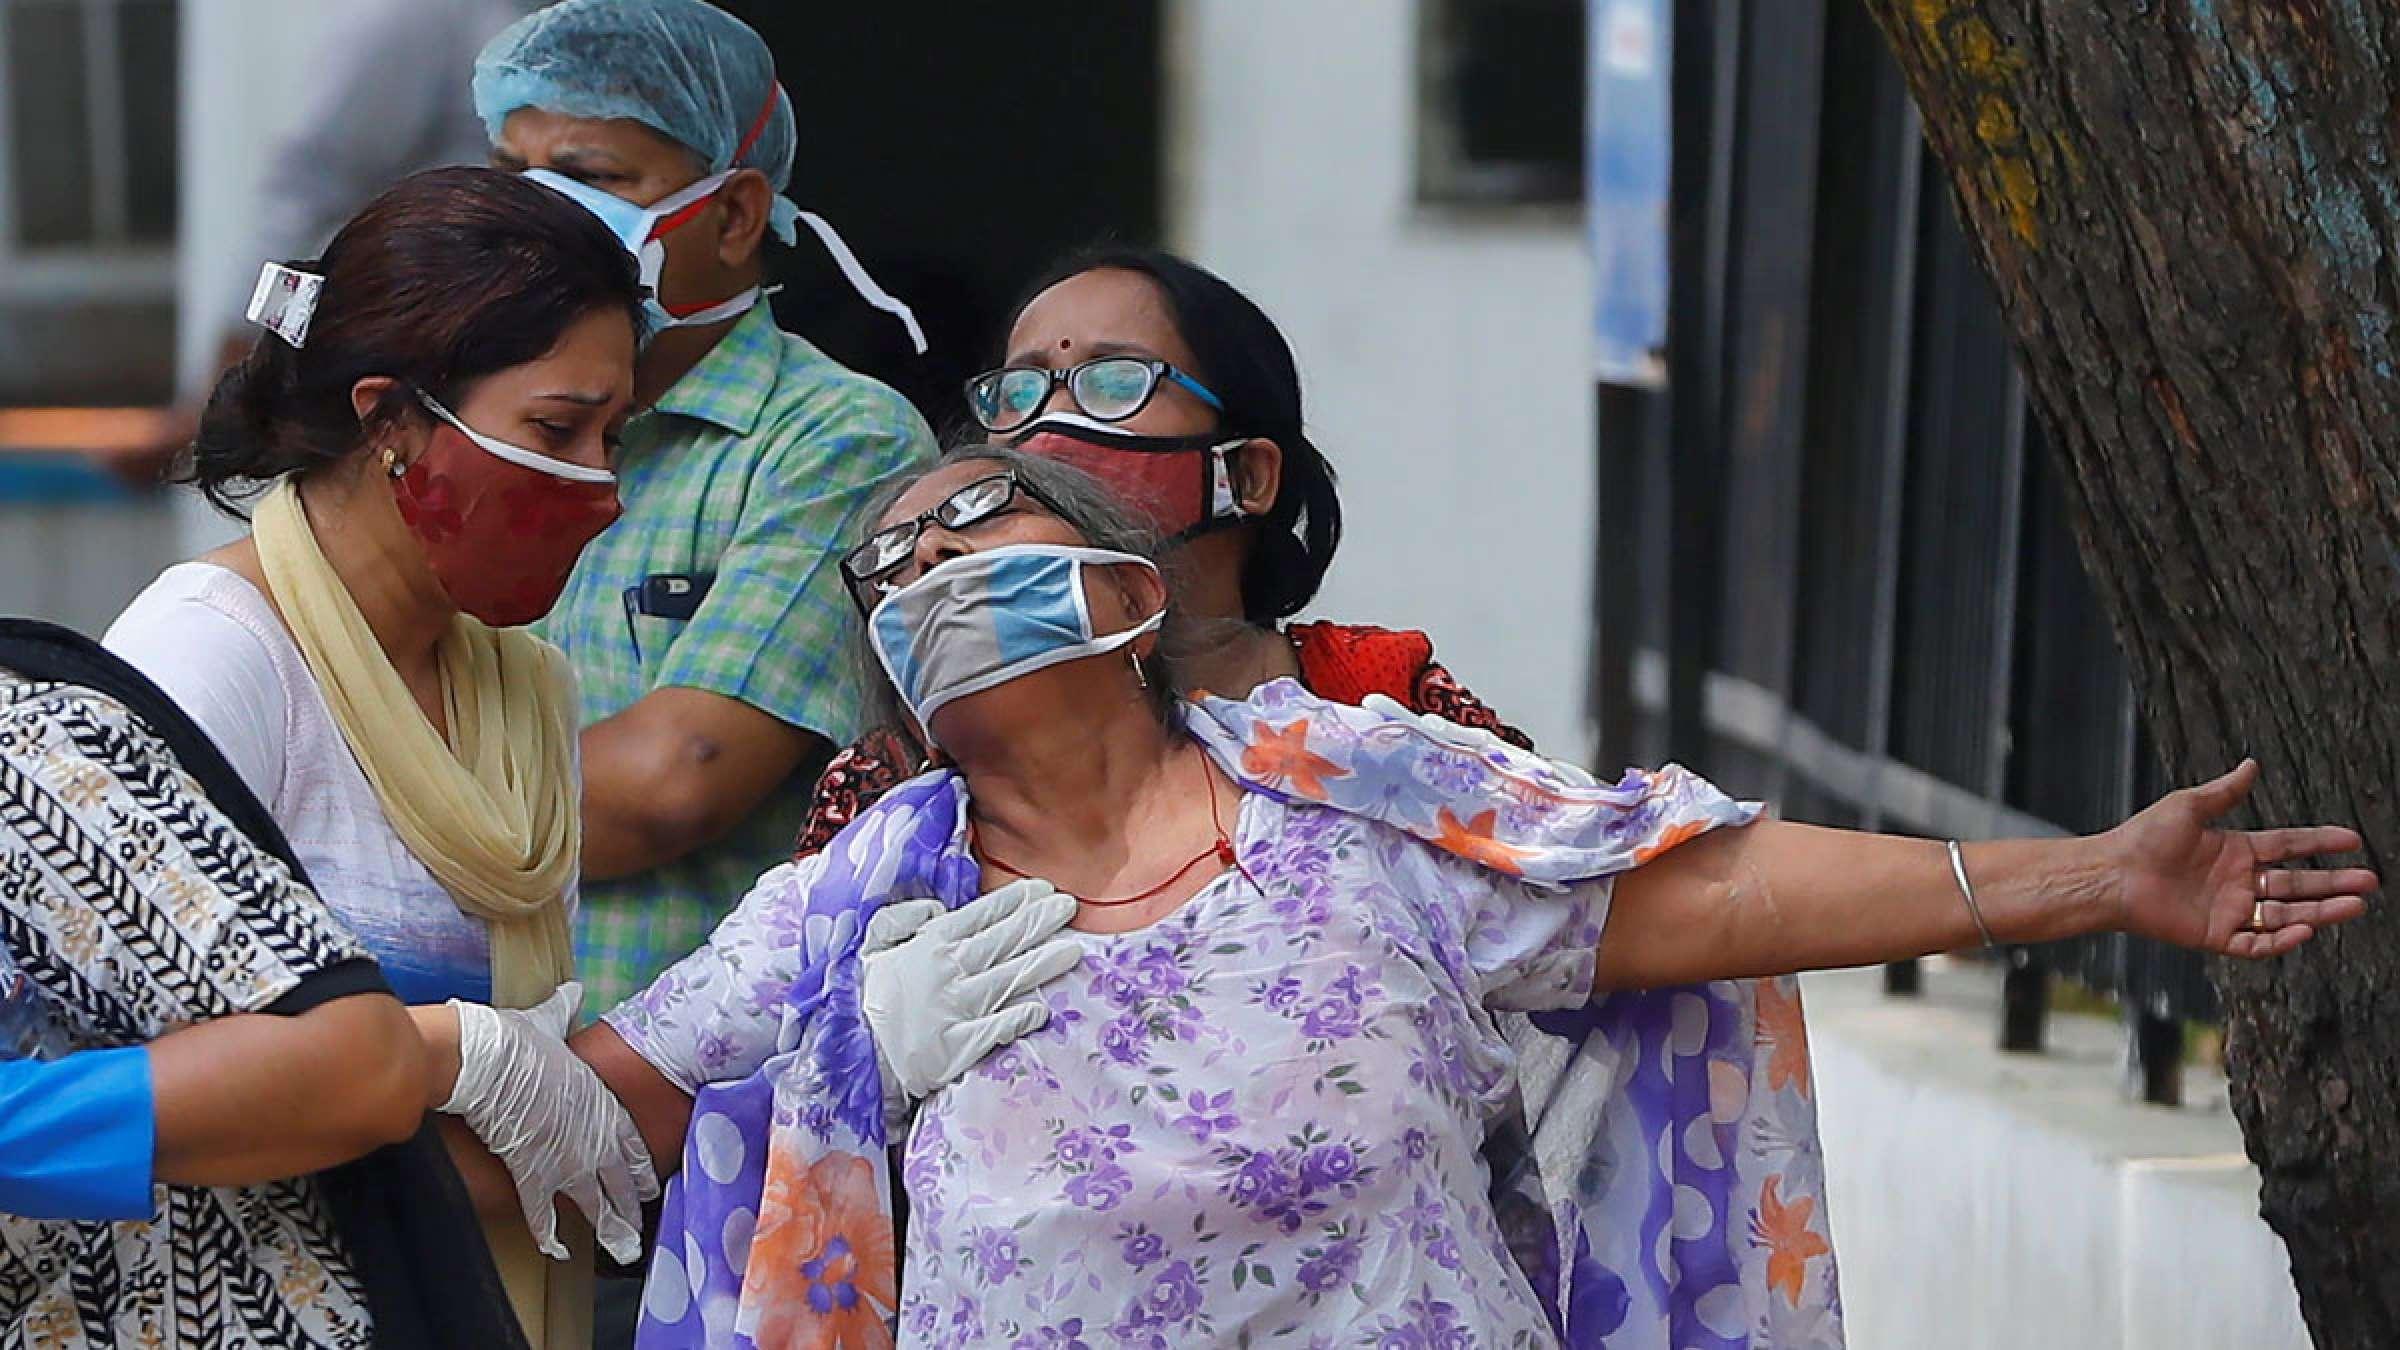 افزایش کرونای هندی که از واکسنها عبور میکند نگرانی آفریده است